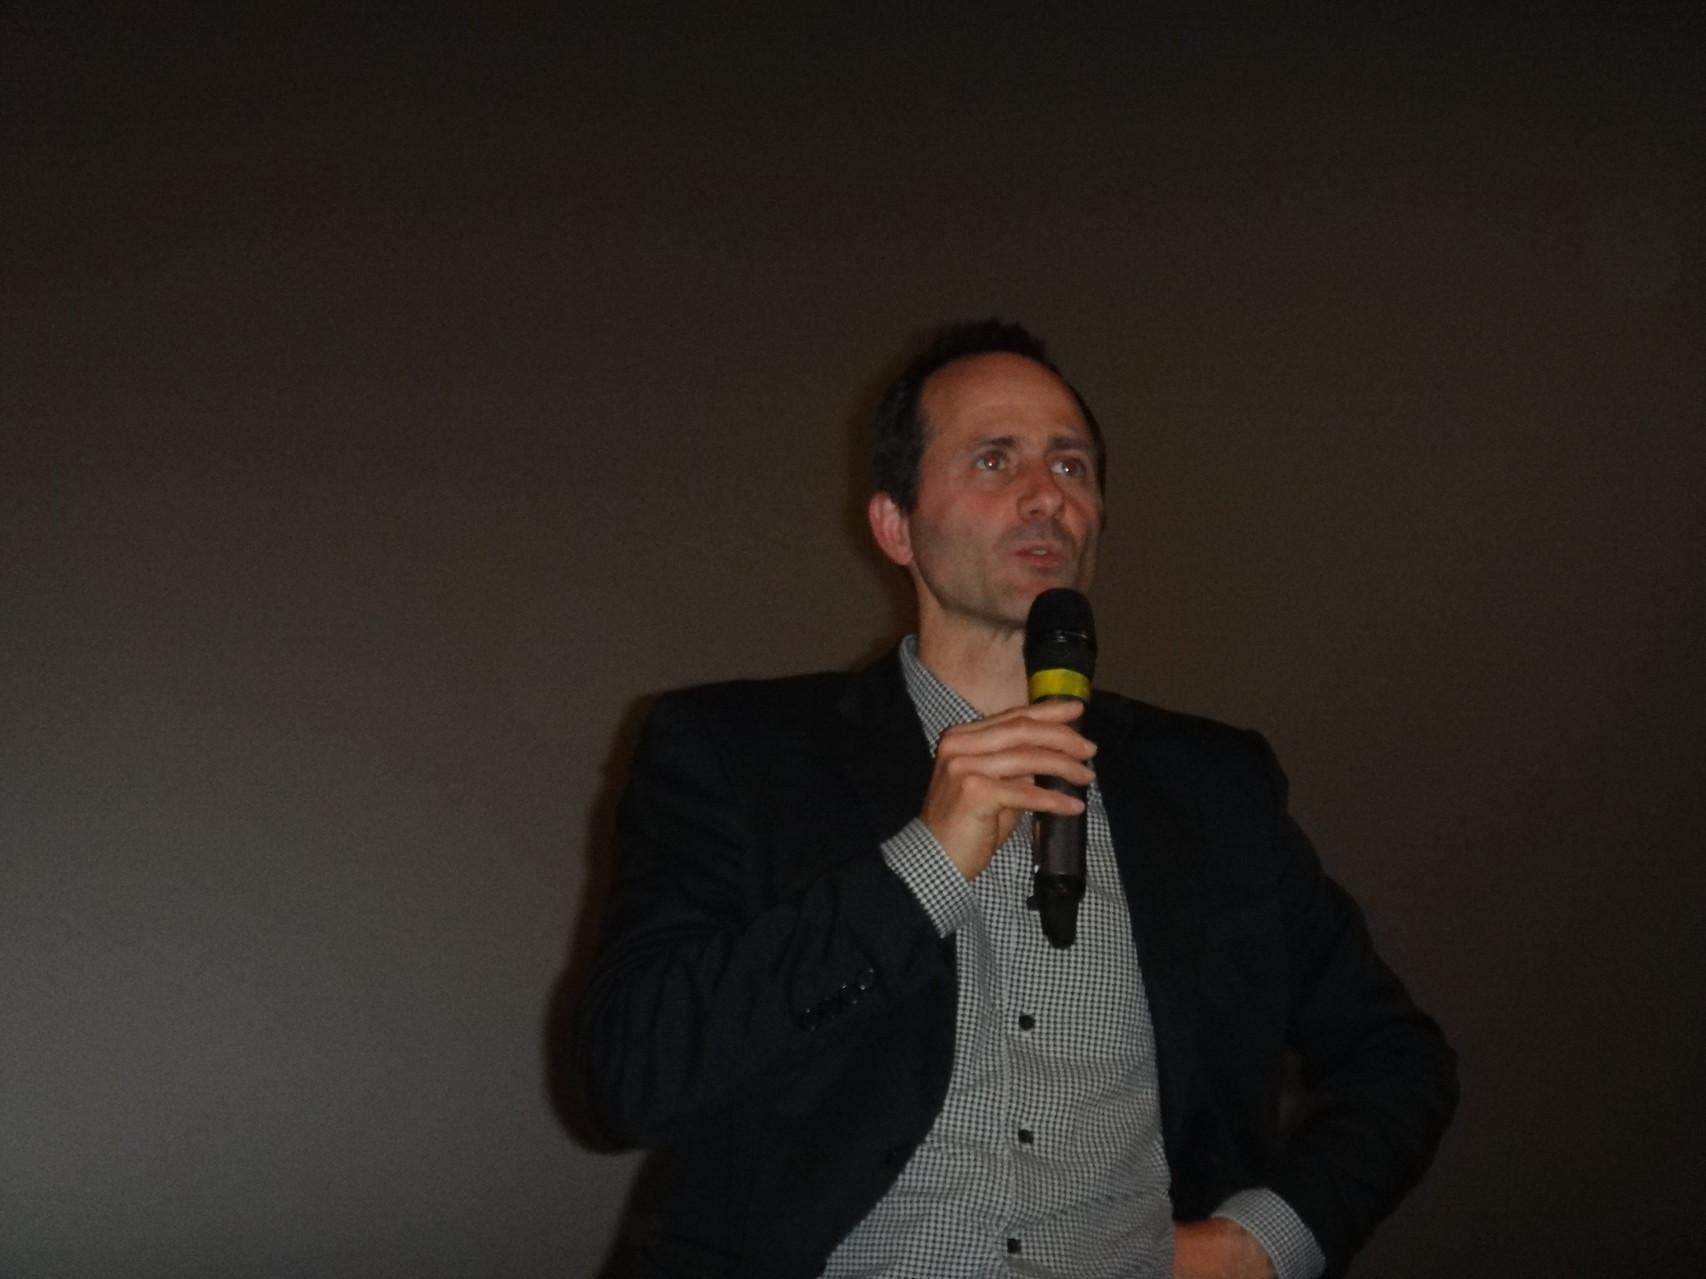 """Pascal Guérin, réalisateur de """"Opération Lune, l'épave cachée du roi soleil""""."""